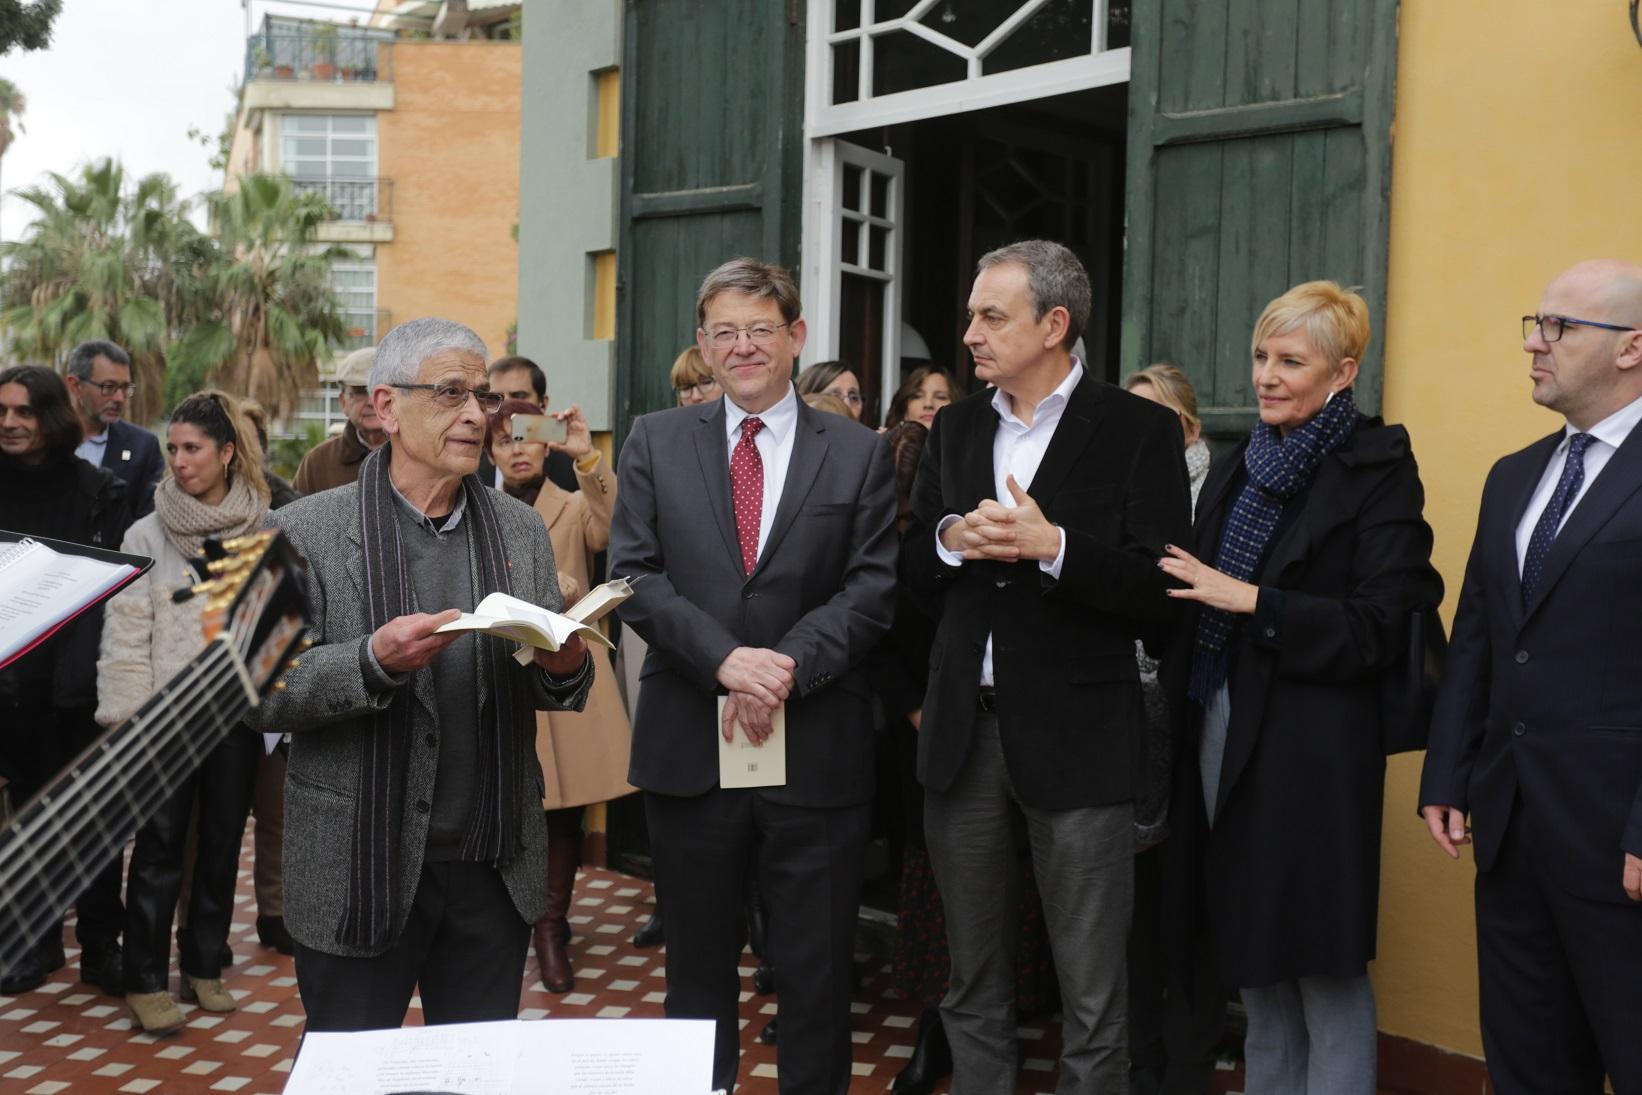 Ximo Puig visita Villa Amparo junto al expresidente Zapatero en el aniversario de la adquisición del inmueble por parte de la Generalitat